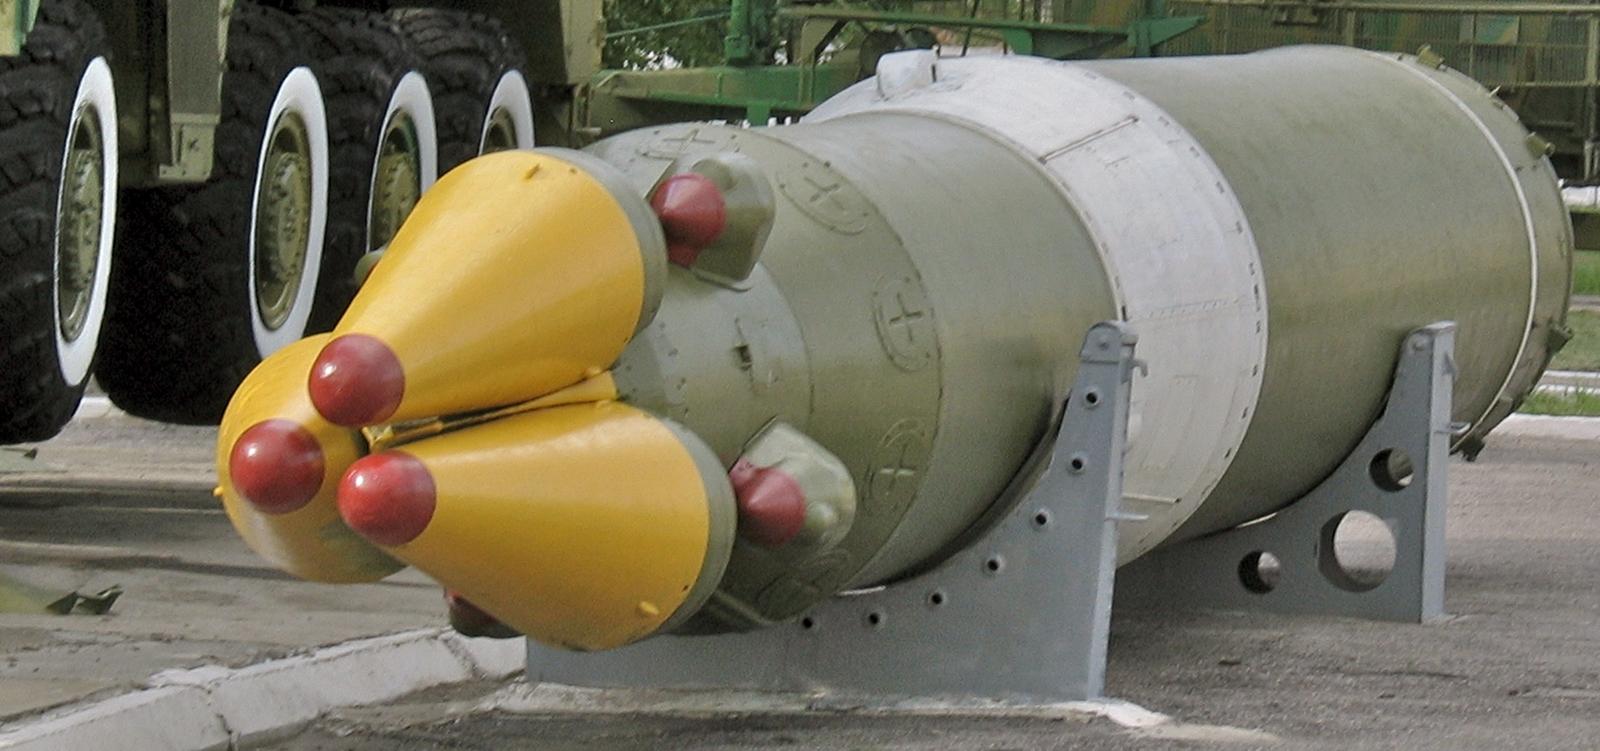 S-500 RSD-10-Pionier-SS-20-Saber-Kapustin-Yar-2011-1